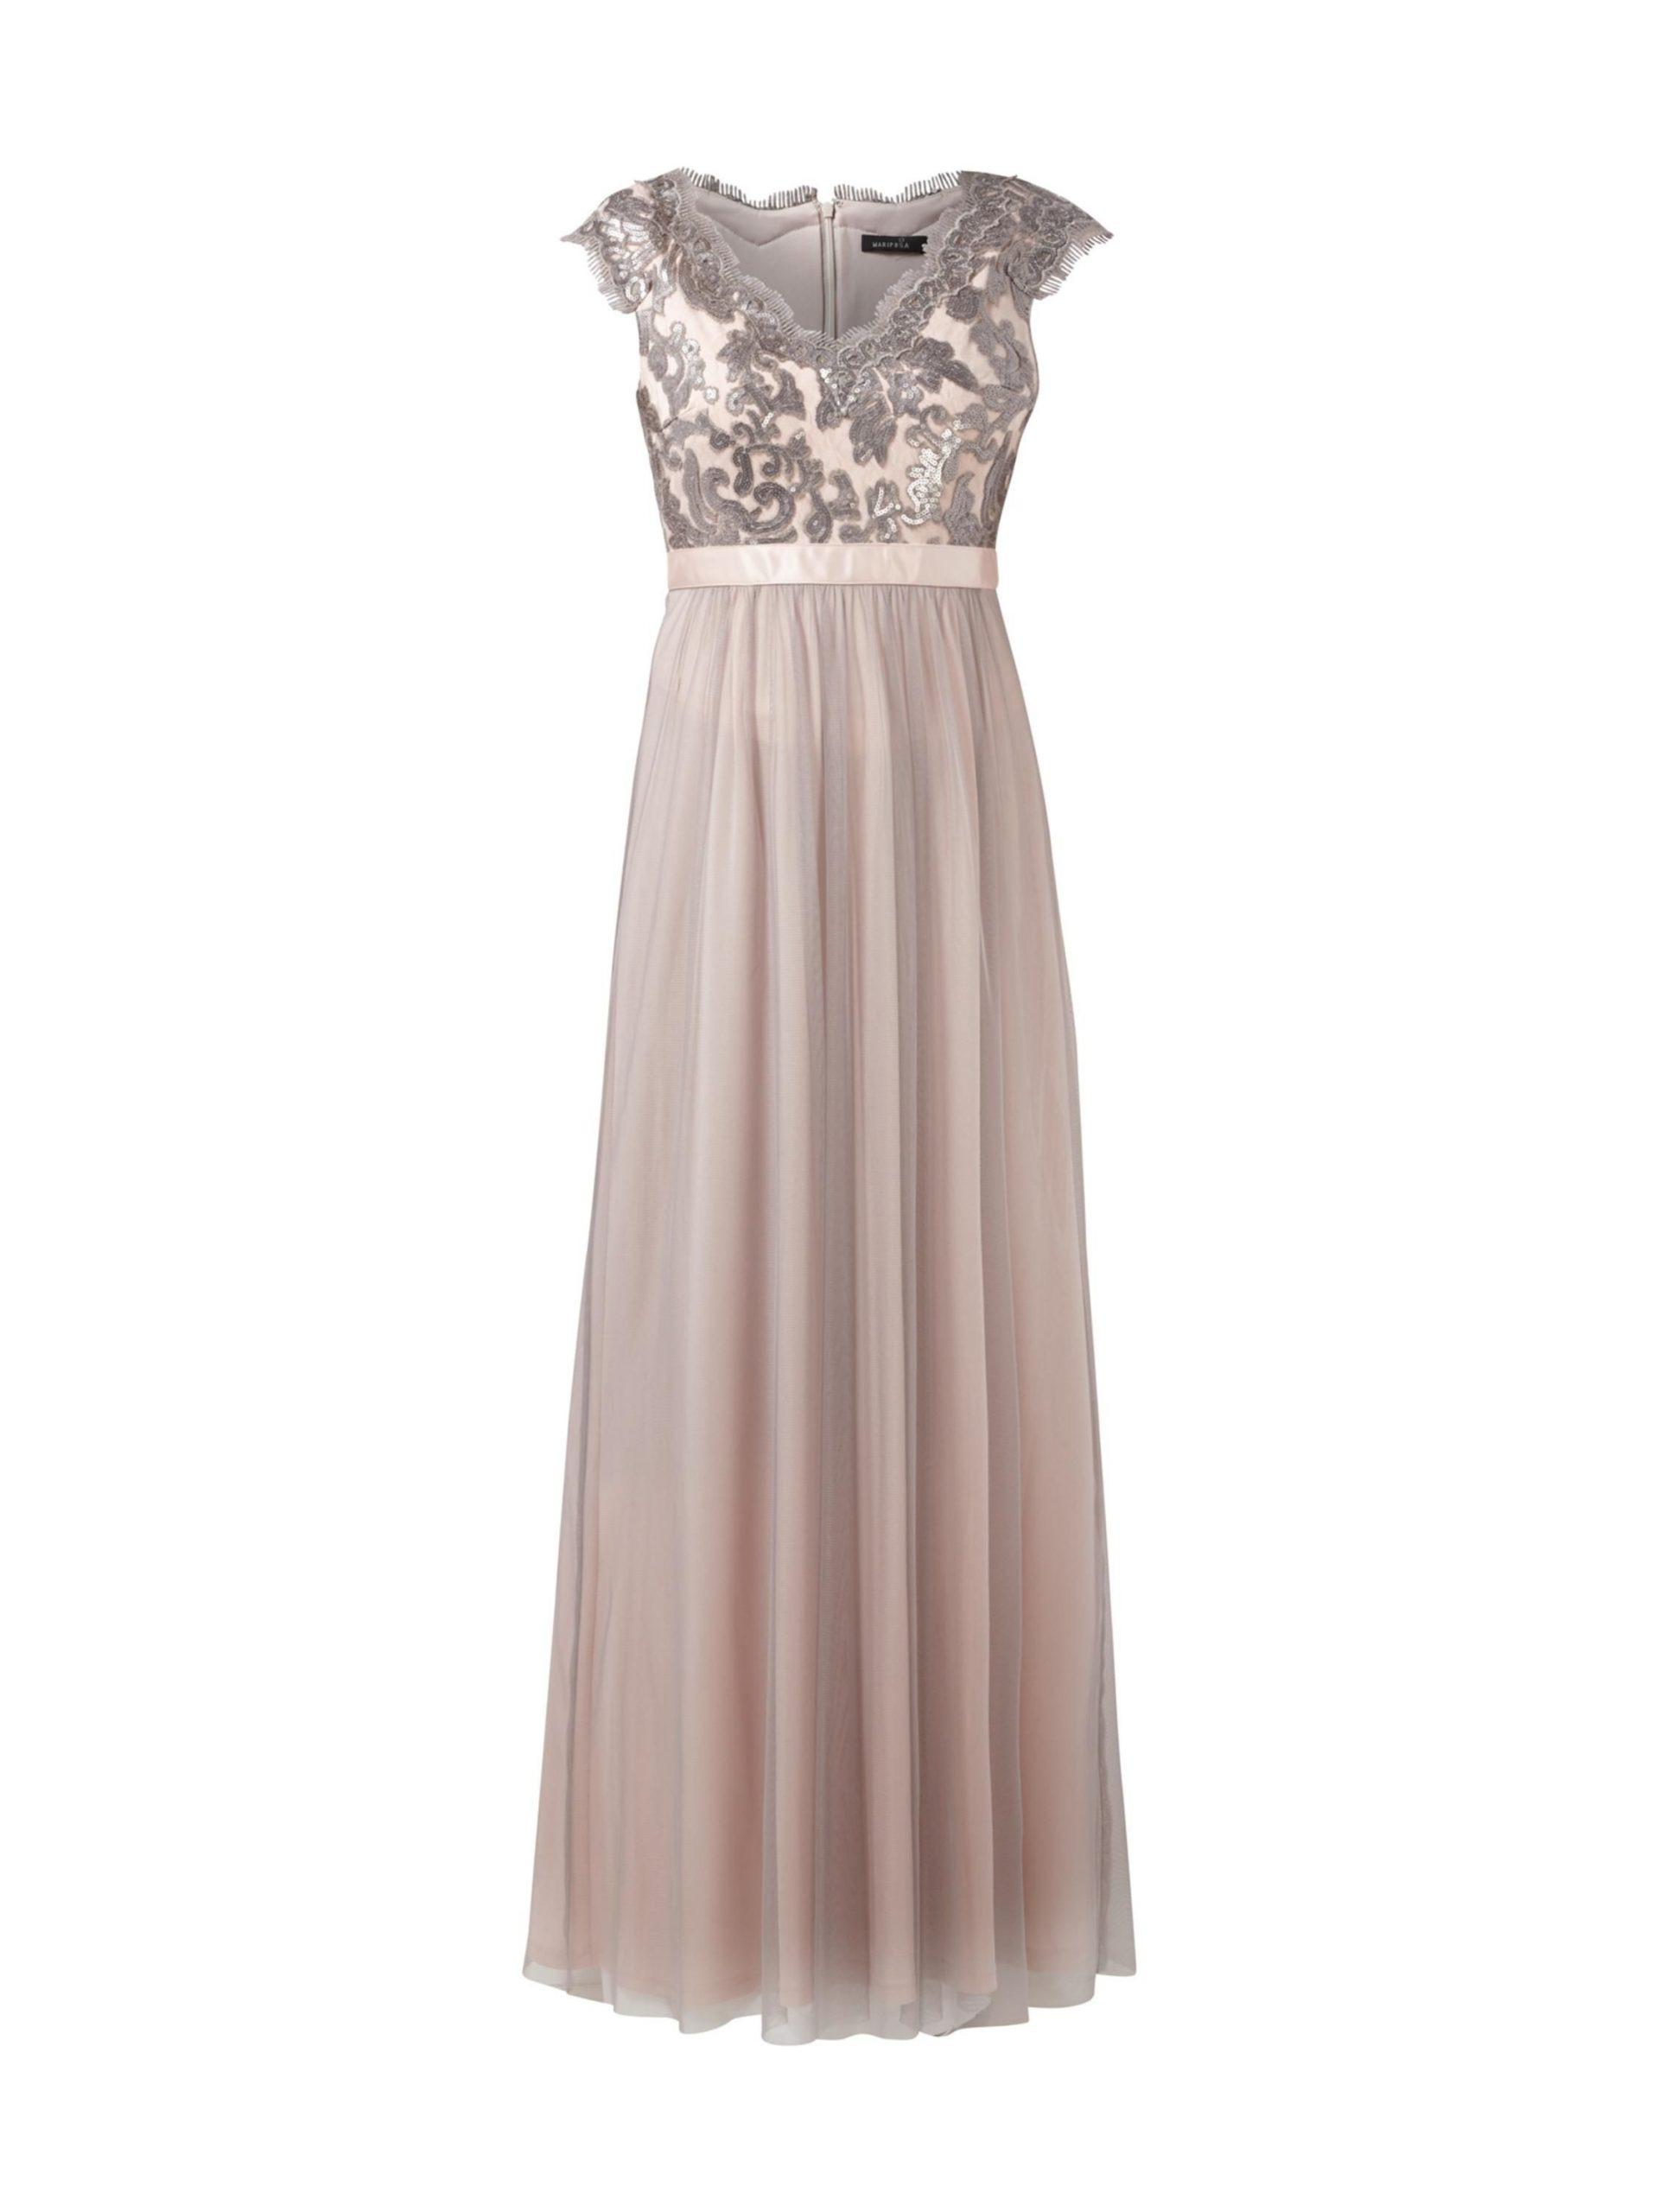 Ausgezeichnet Peek Und Cloppenburg Abendkleid Stylish